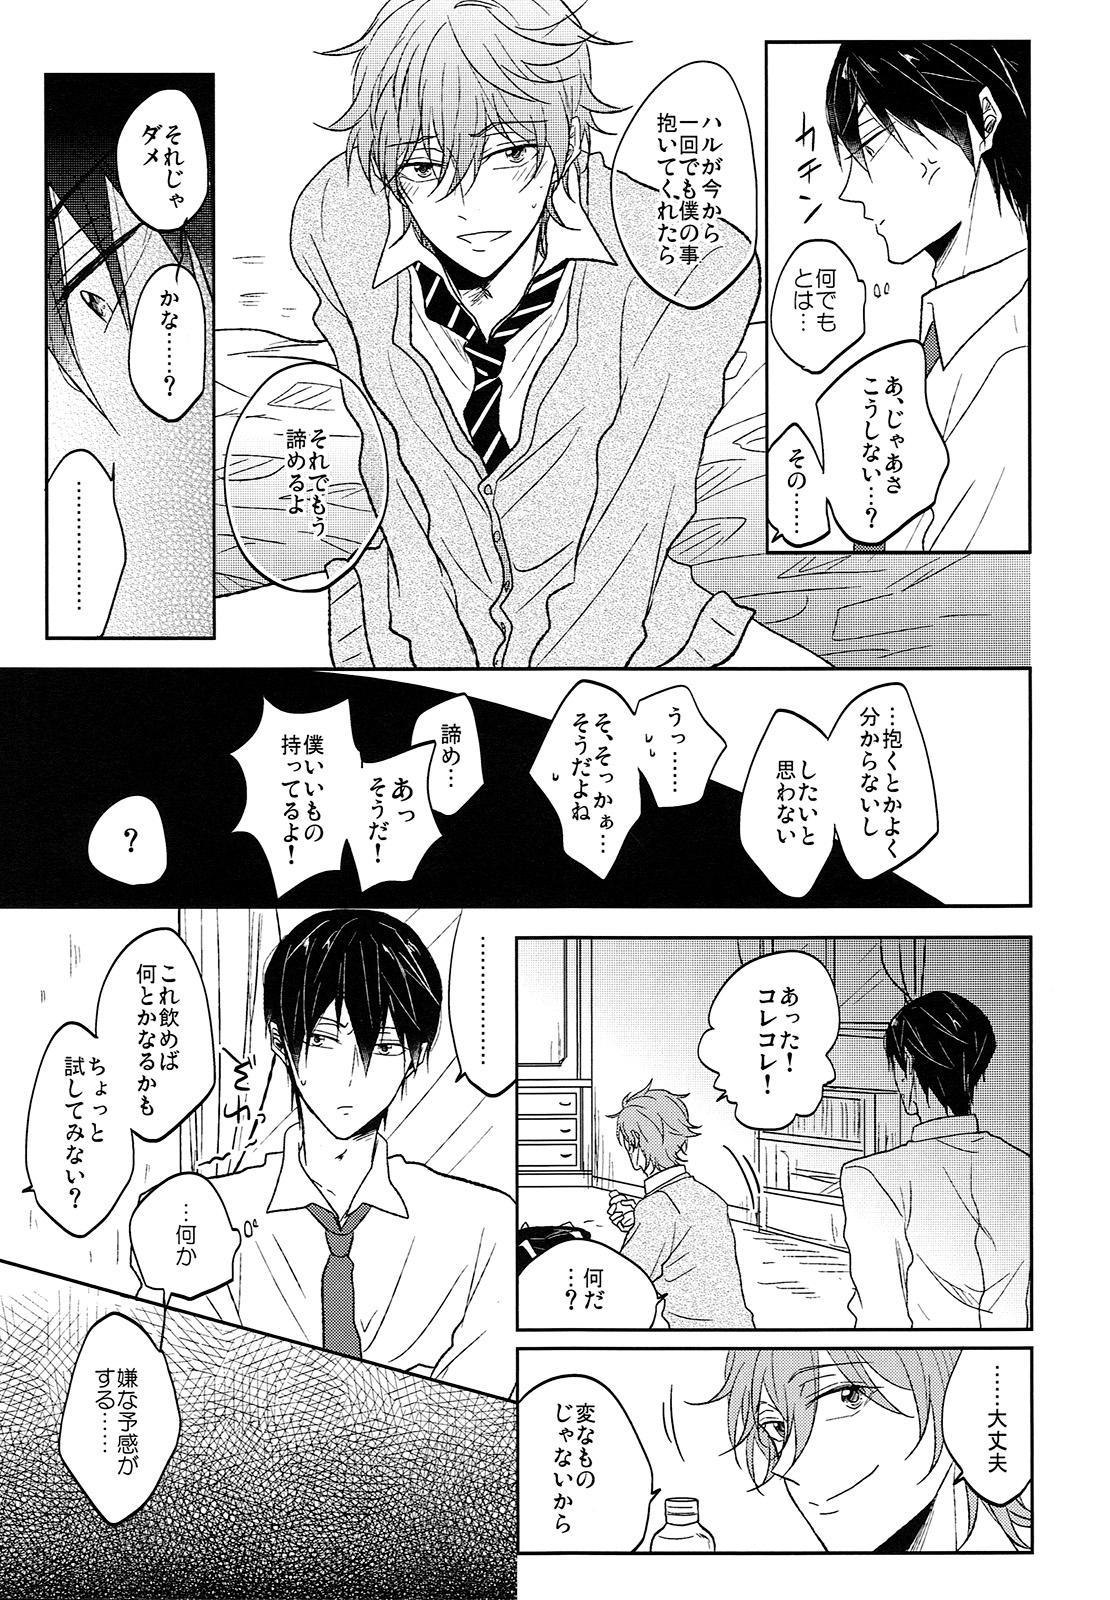 Hizamazuite nyan to nake 9